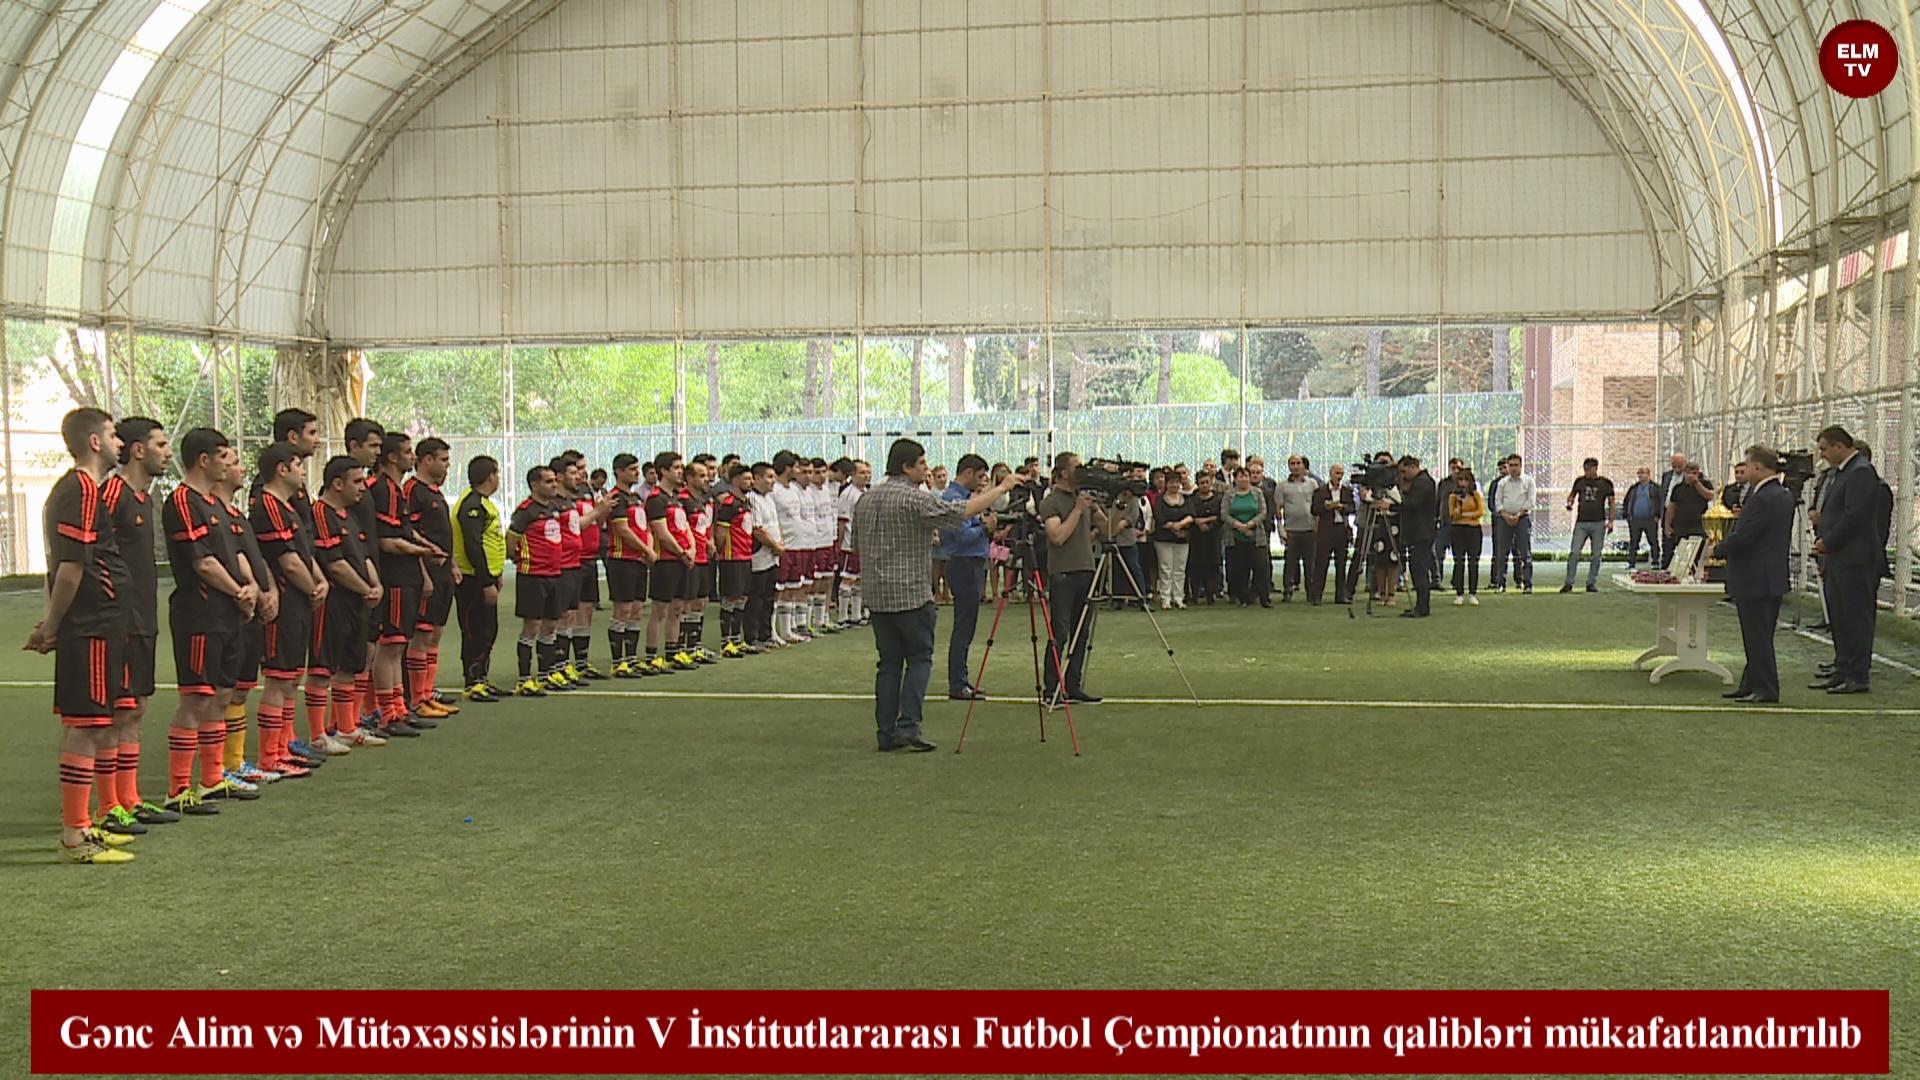 Gənc Alim və Mütəxəssislərinin V İnstitutlararası Futbol Çempionatının qalibləri mükafatlandırılıb